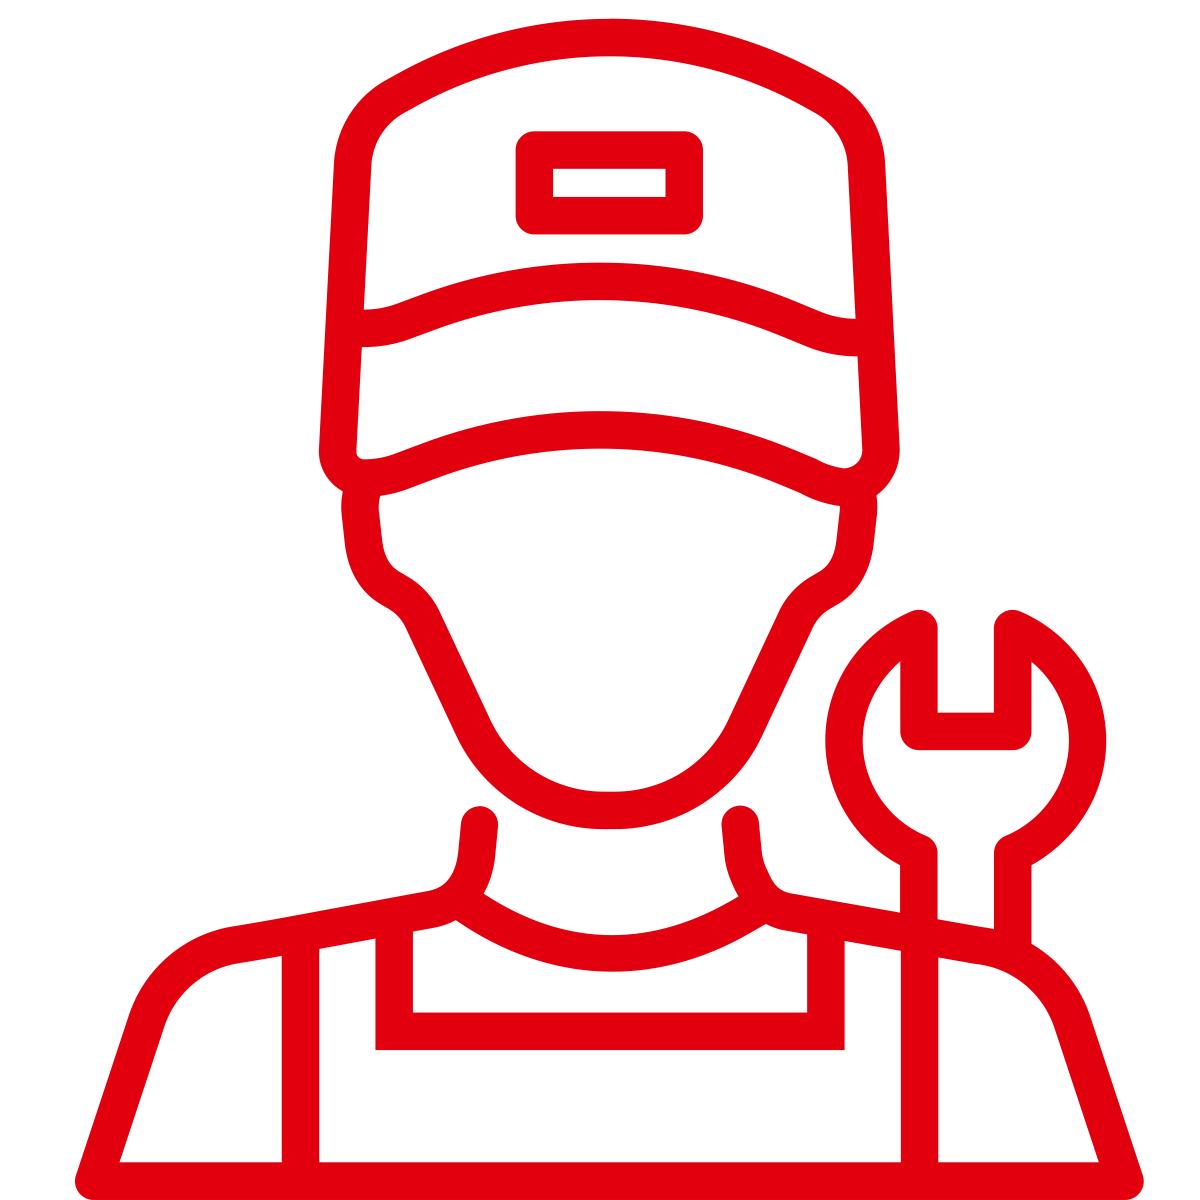 Сервисное обслуживание - Мы представляем фабрику ConSet на украинском рынке уже 9 лет. Имеем обязательства перед клиентом и всегда готовы помочь по техническим вопросам.Вы можете обратиться к нашему специалисту также после окончания гарантийного срока, если возникнут какие-то проблемы с механизмом.